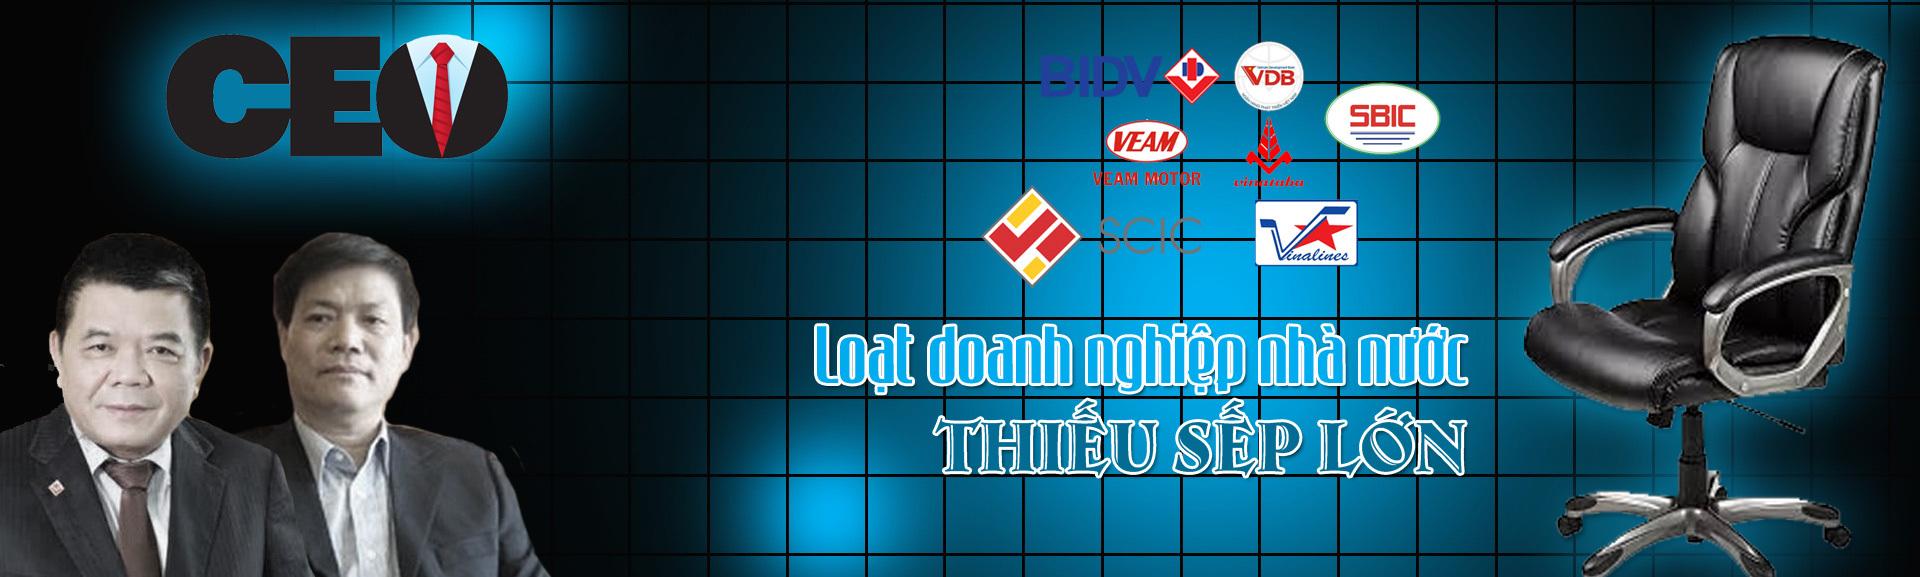 BIDV,Trần Bắc Hà,Vinashin,SBIC,VEAM,VDB,Vinalines,sếp doanh nghiệp nhà nước,sếp tập đoàn